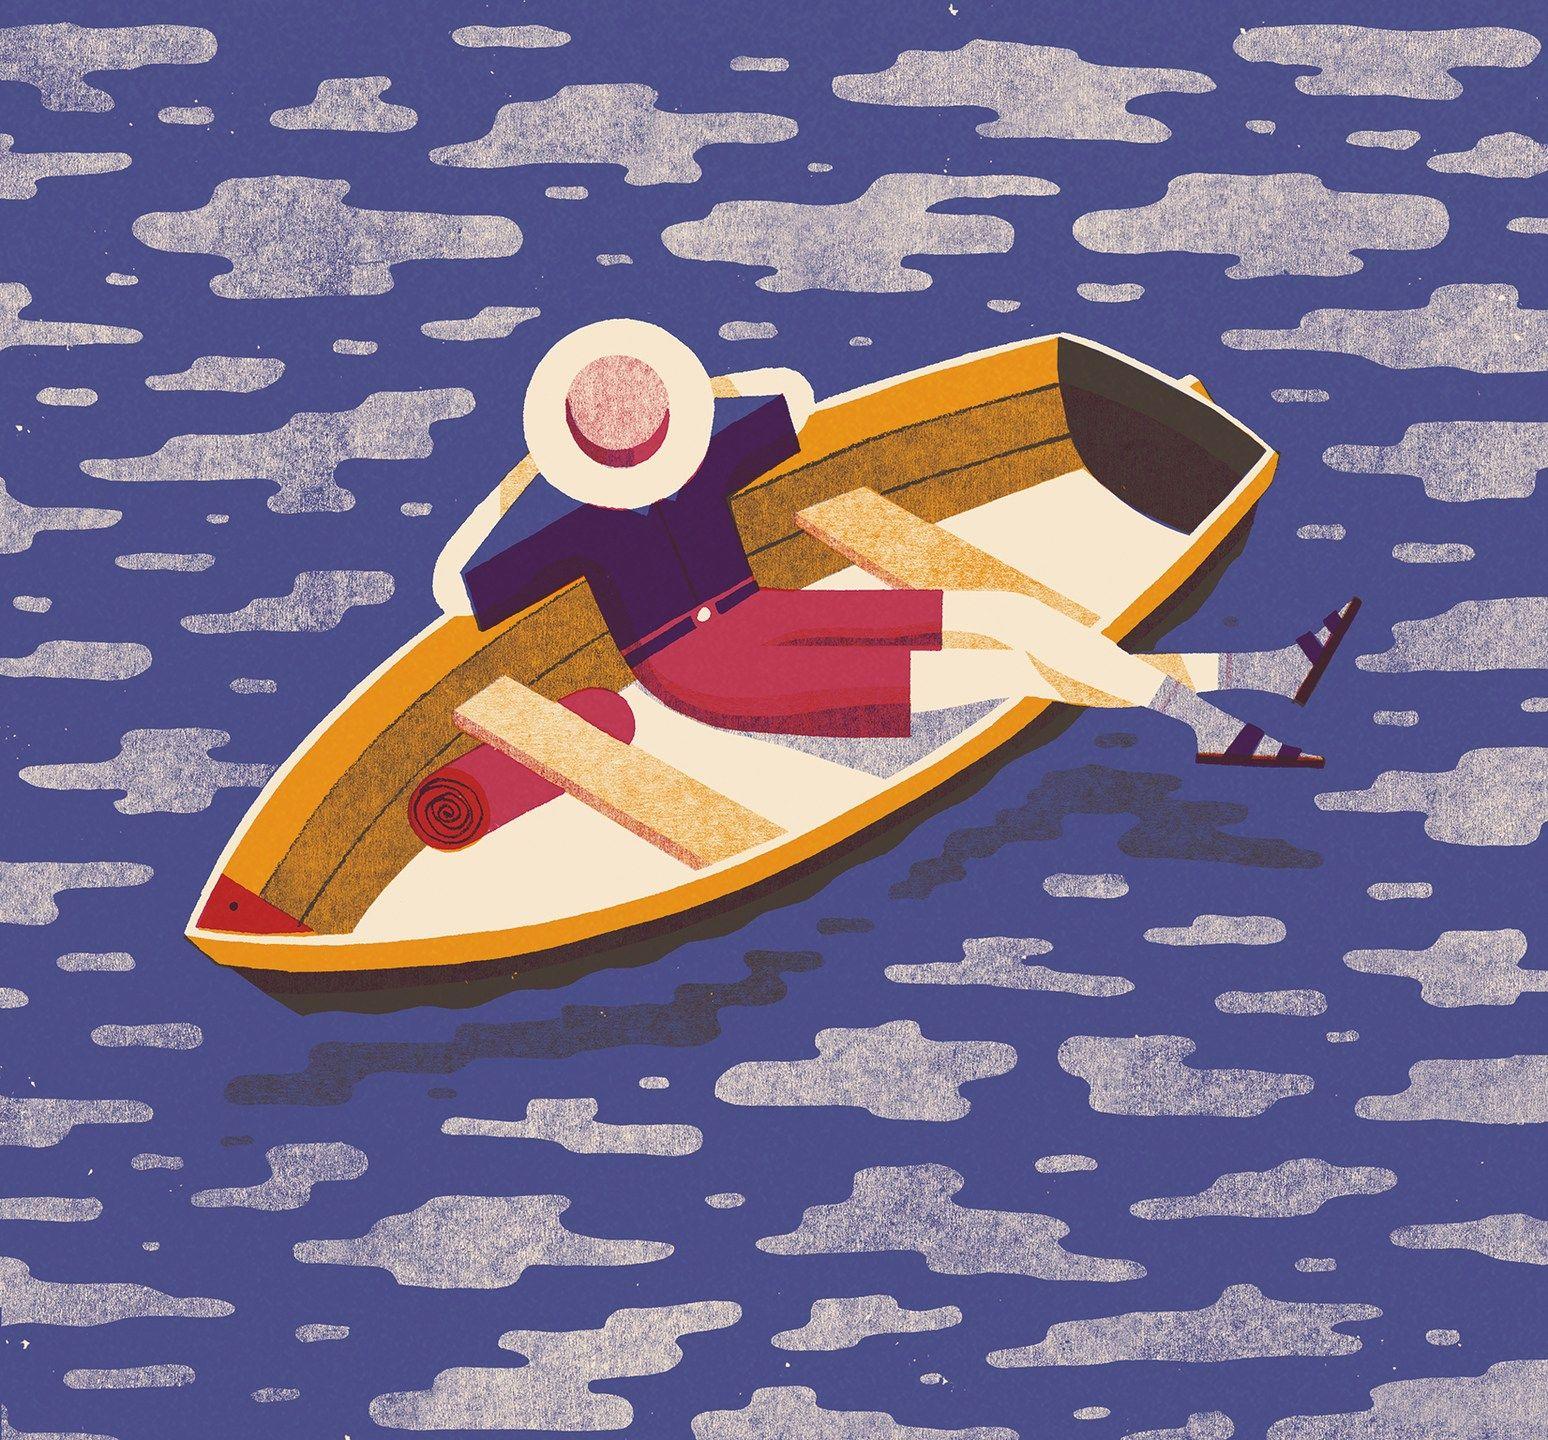 David Doran trasforma idee in bellissime illustrazioni | Collater.al 14